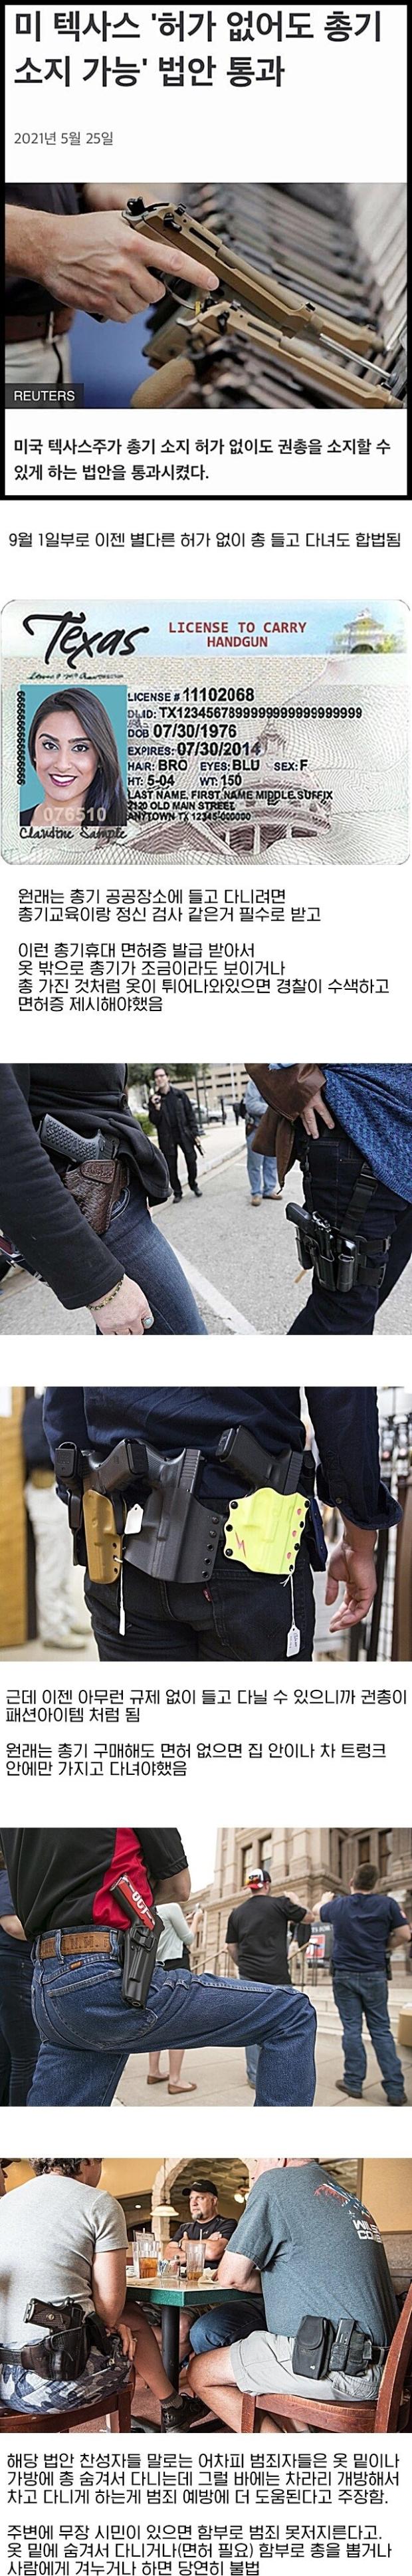 텍사스의 총기 자율화